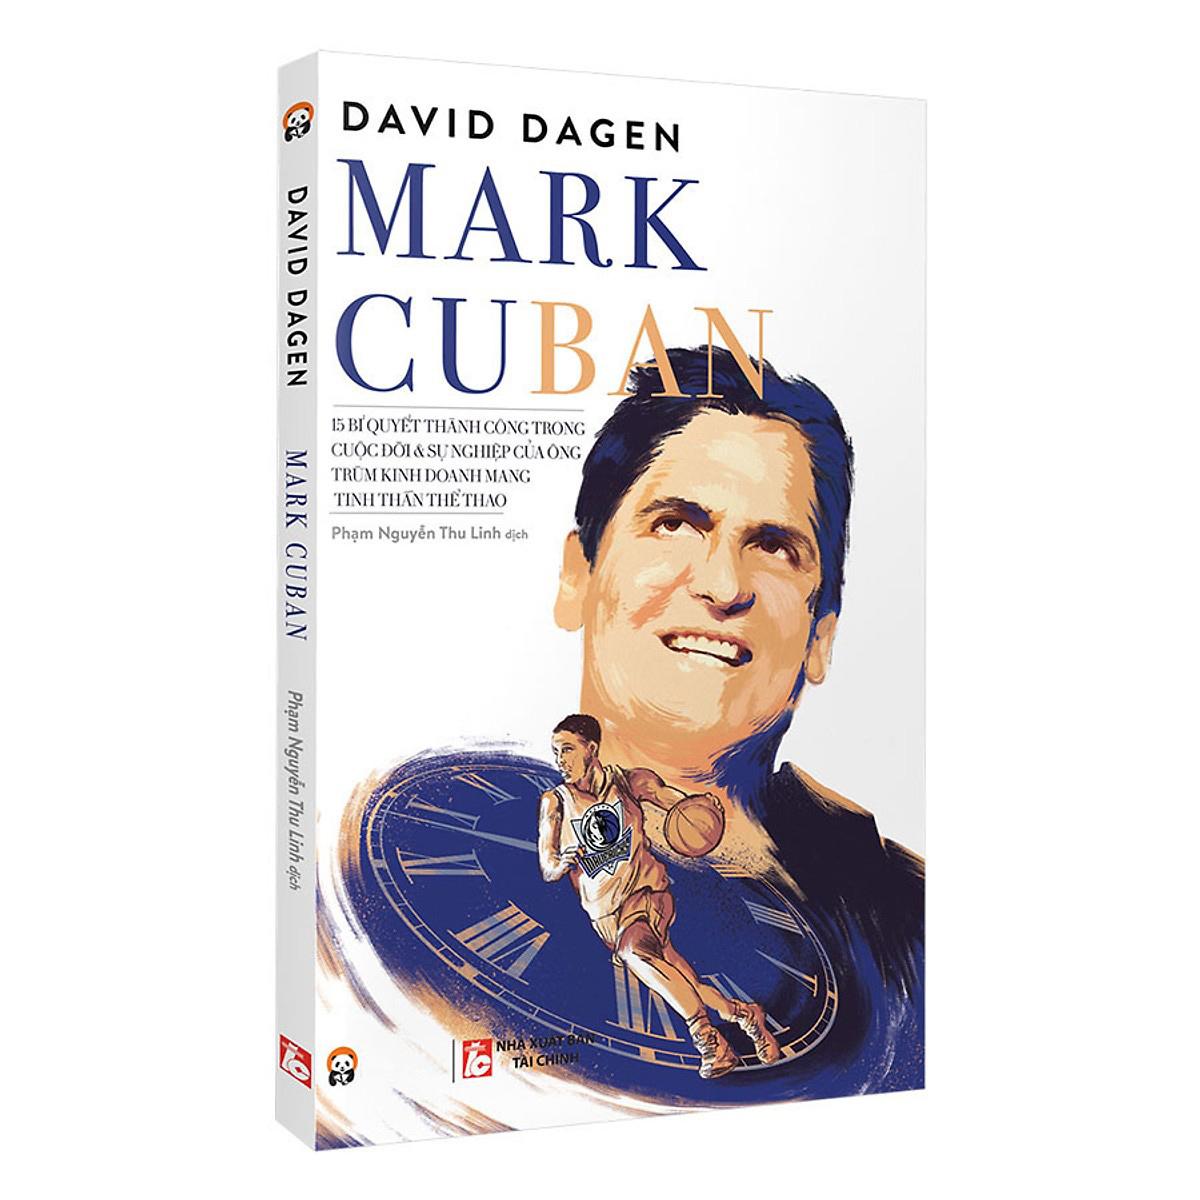 Mark Cuban - 15 Bí Quyết Thành Công Trong Cuộc Đời Và Sự Nghiệp Của Ông Trùm Kinh Doanh Mang Tinh Thần Thể Thao